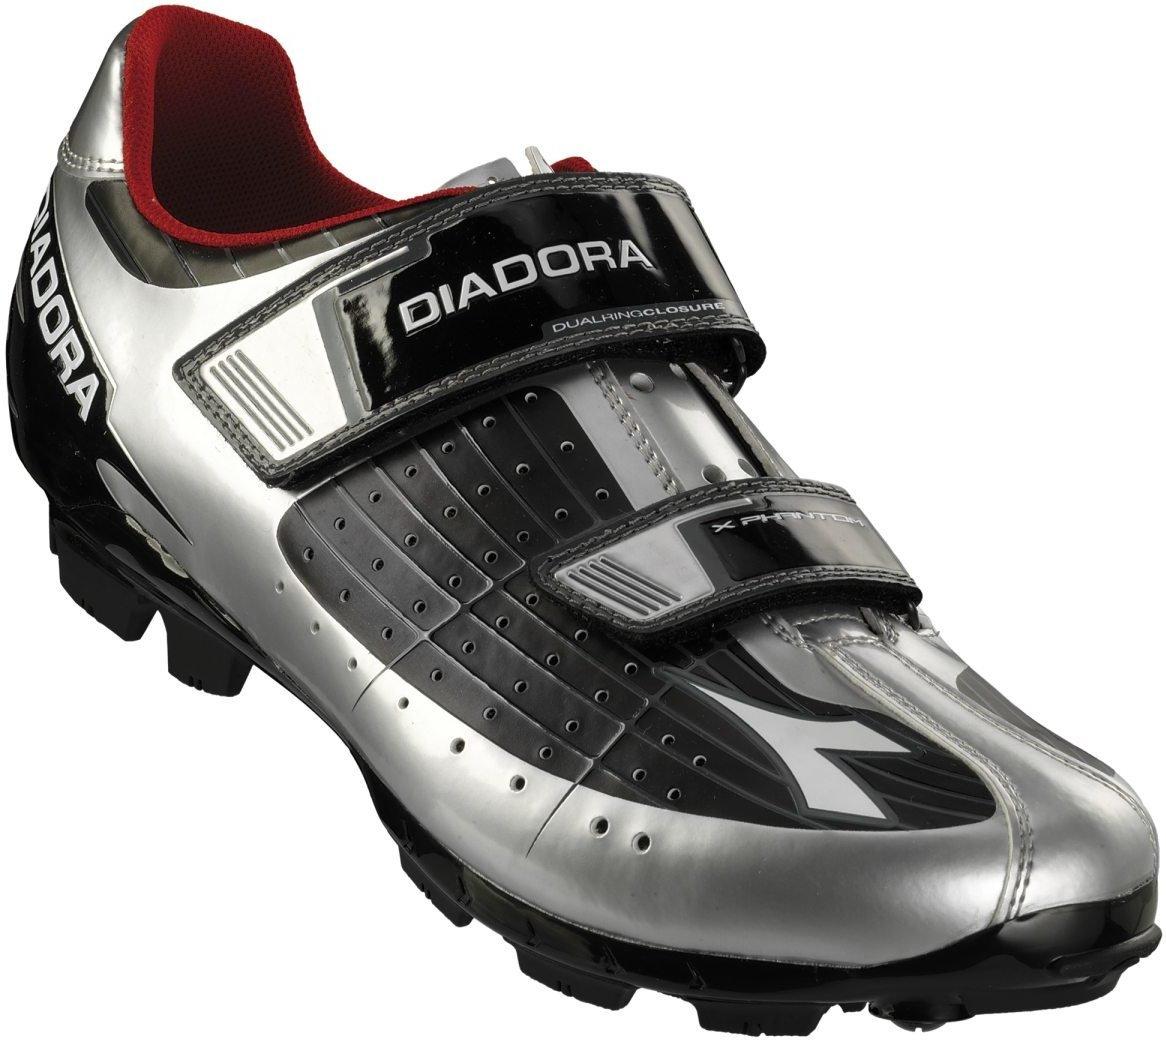 Best pris på Diadora X Phantom MTB Se priser før kjøp i